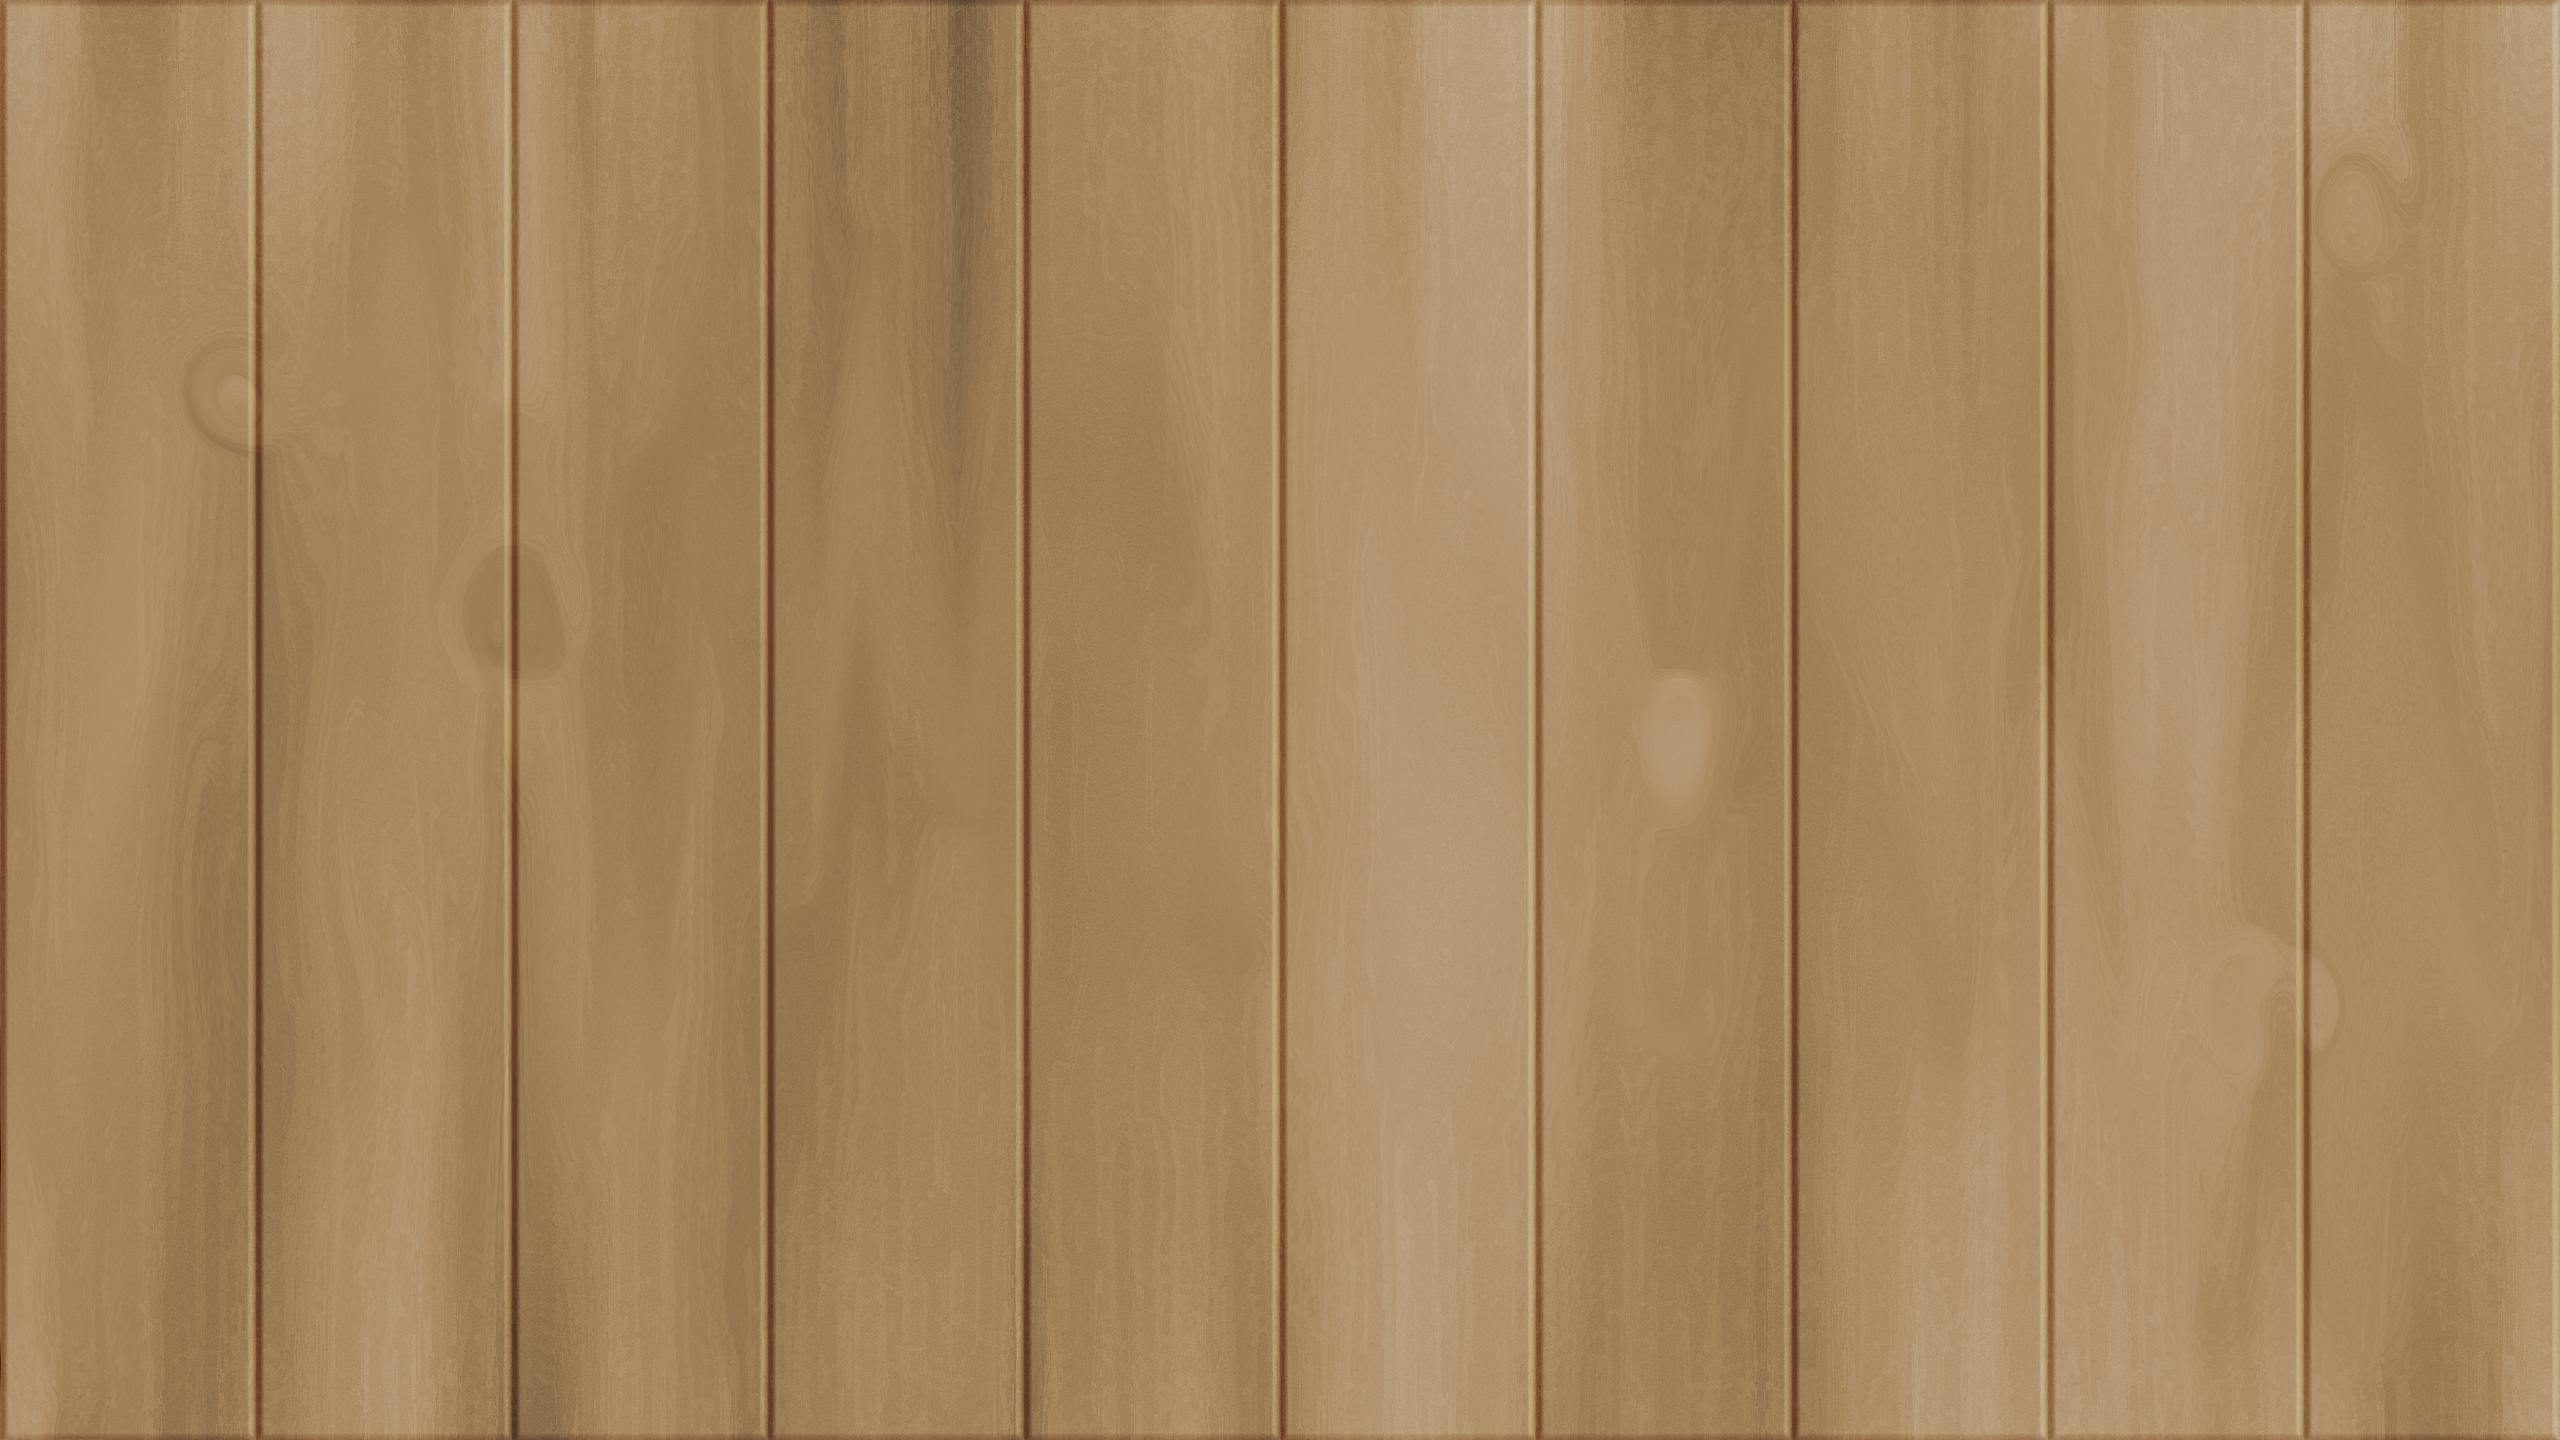 wallpaper 2560x1440 deviantart